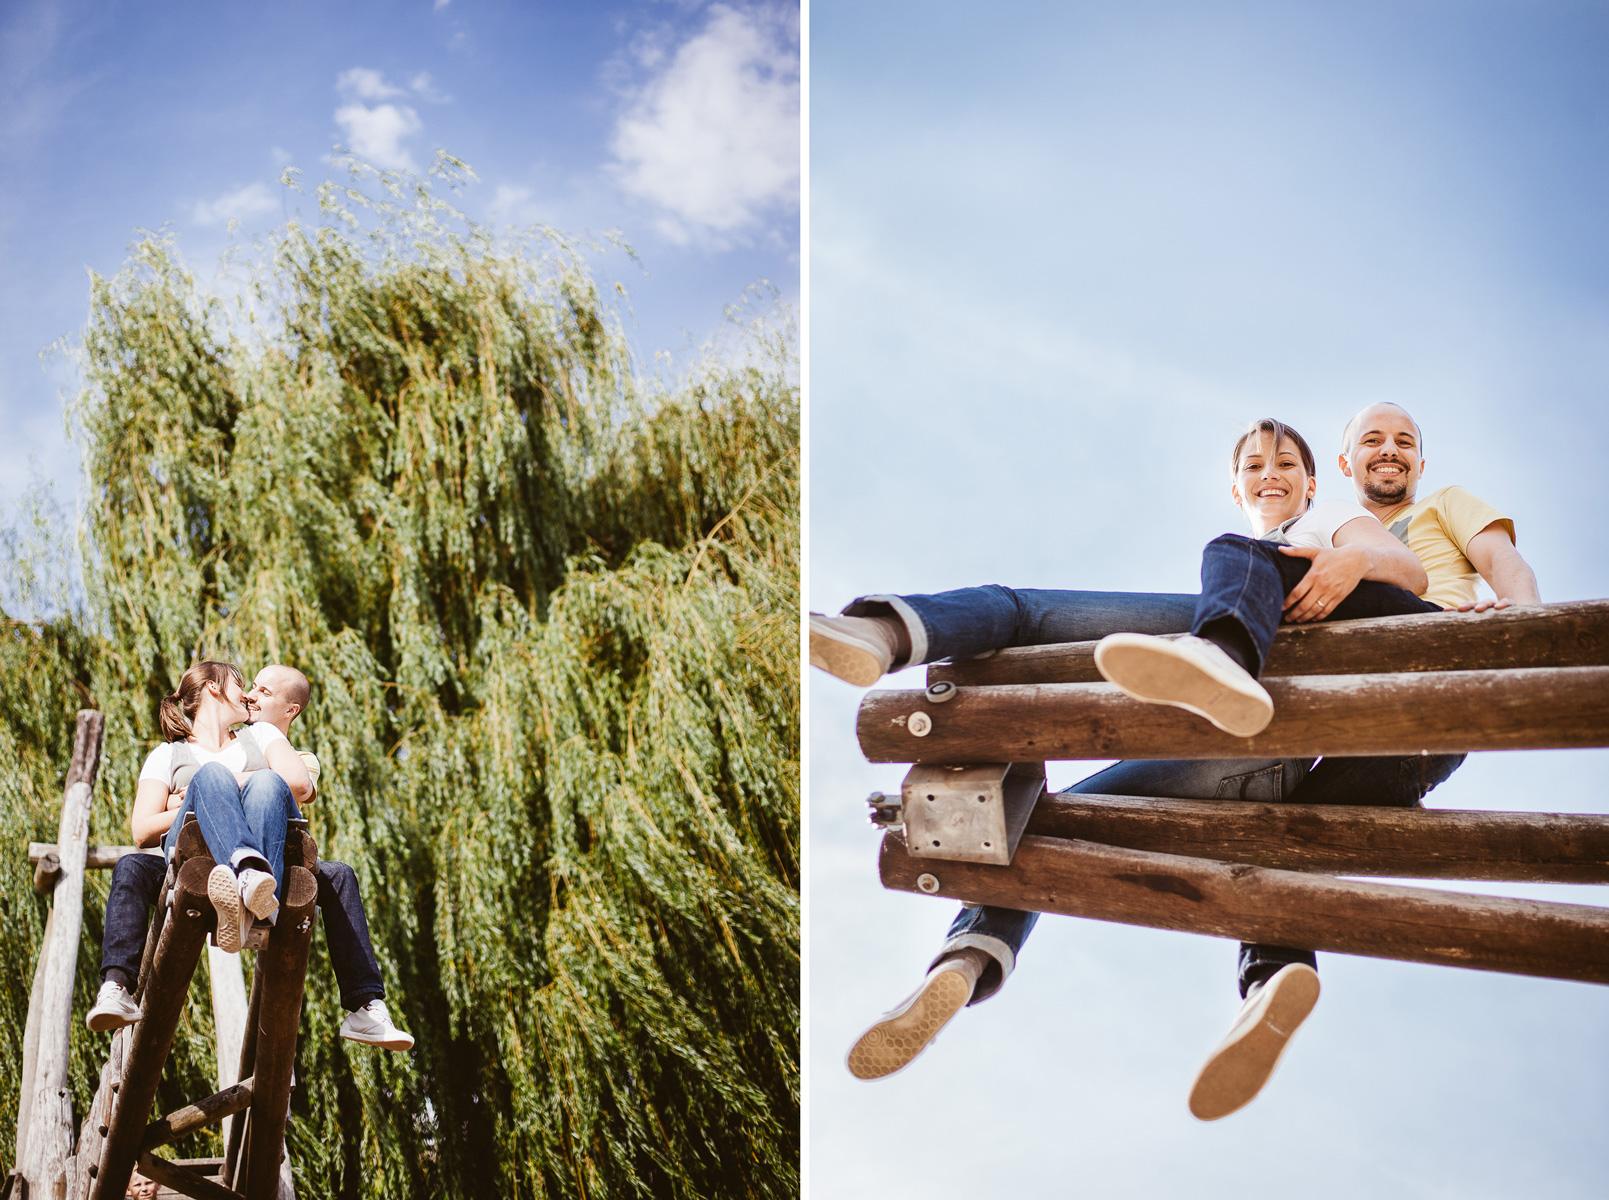 Tina-und-Paul-Engagement-Foto-Avec-Amis-3